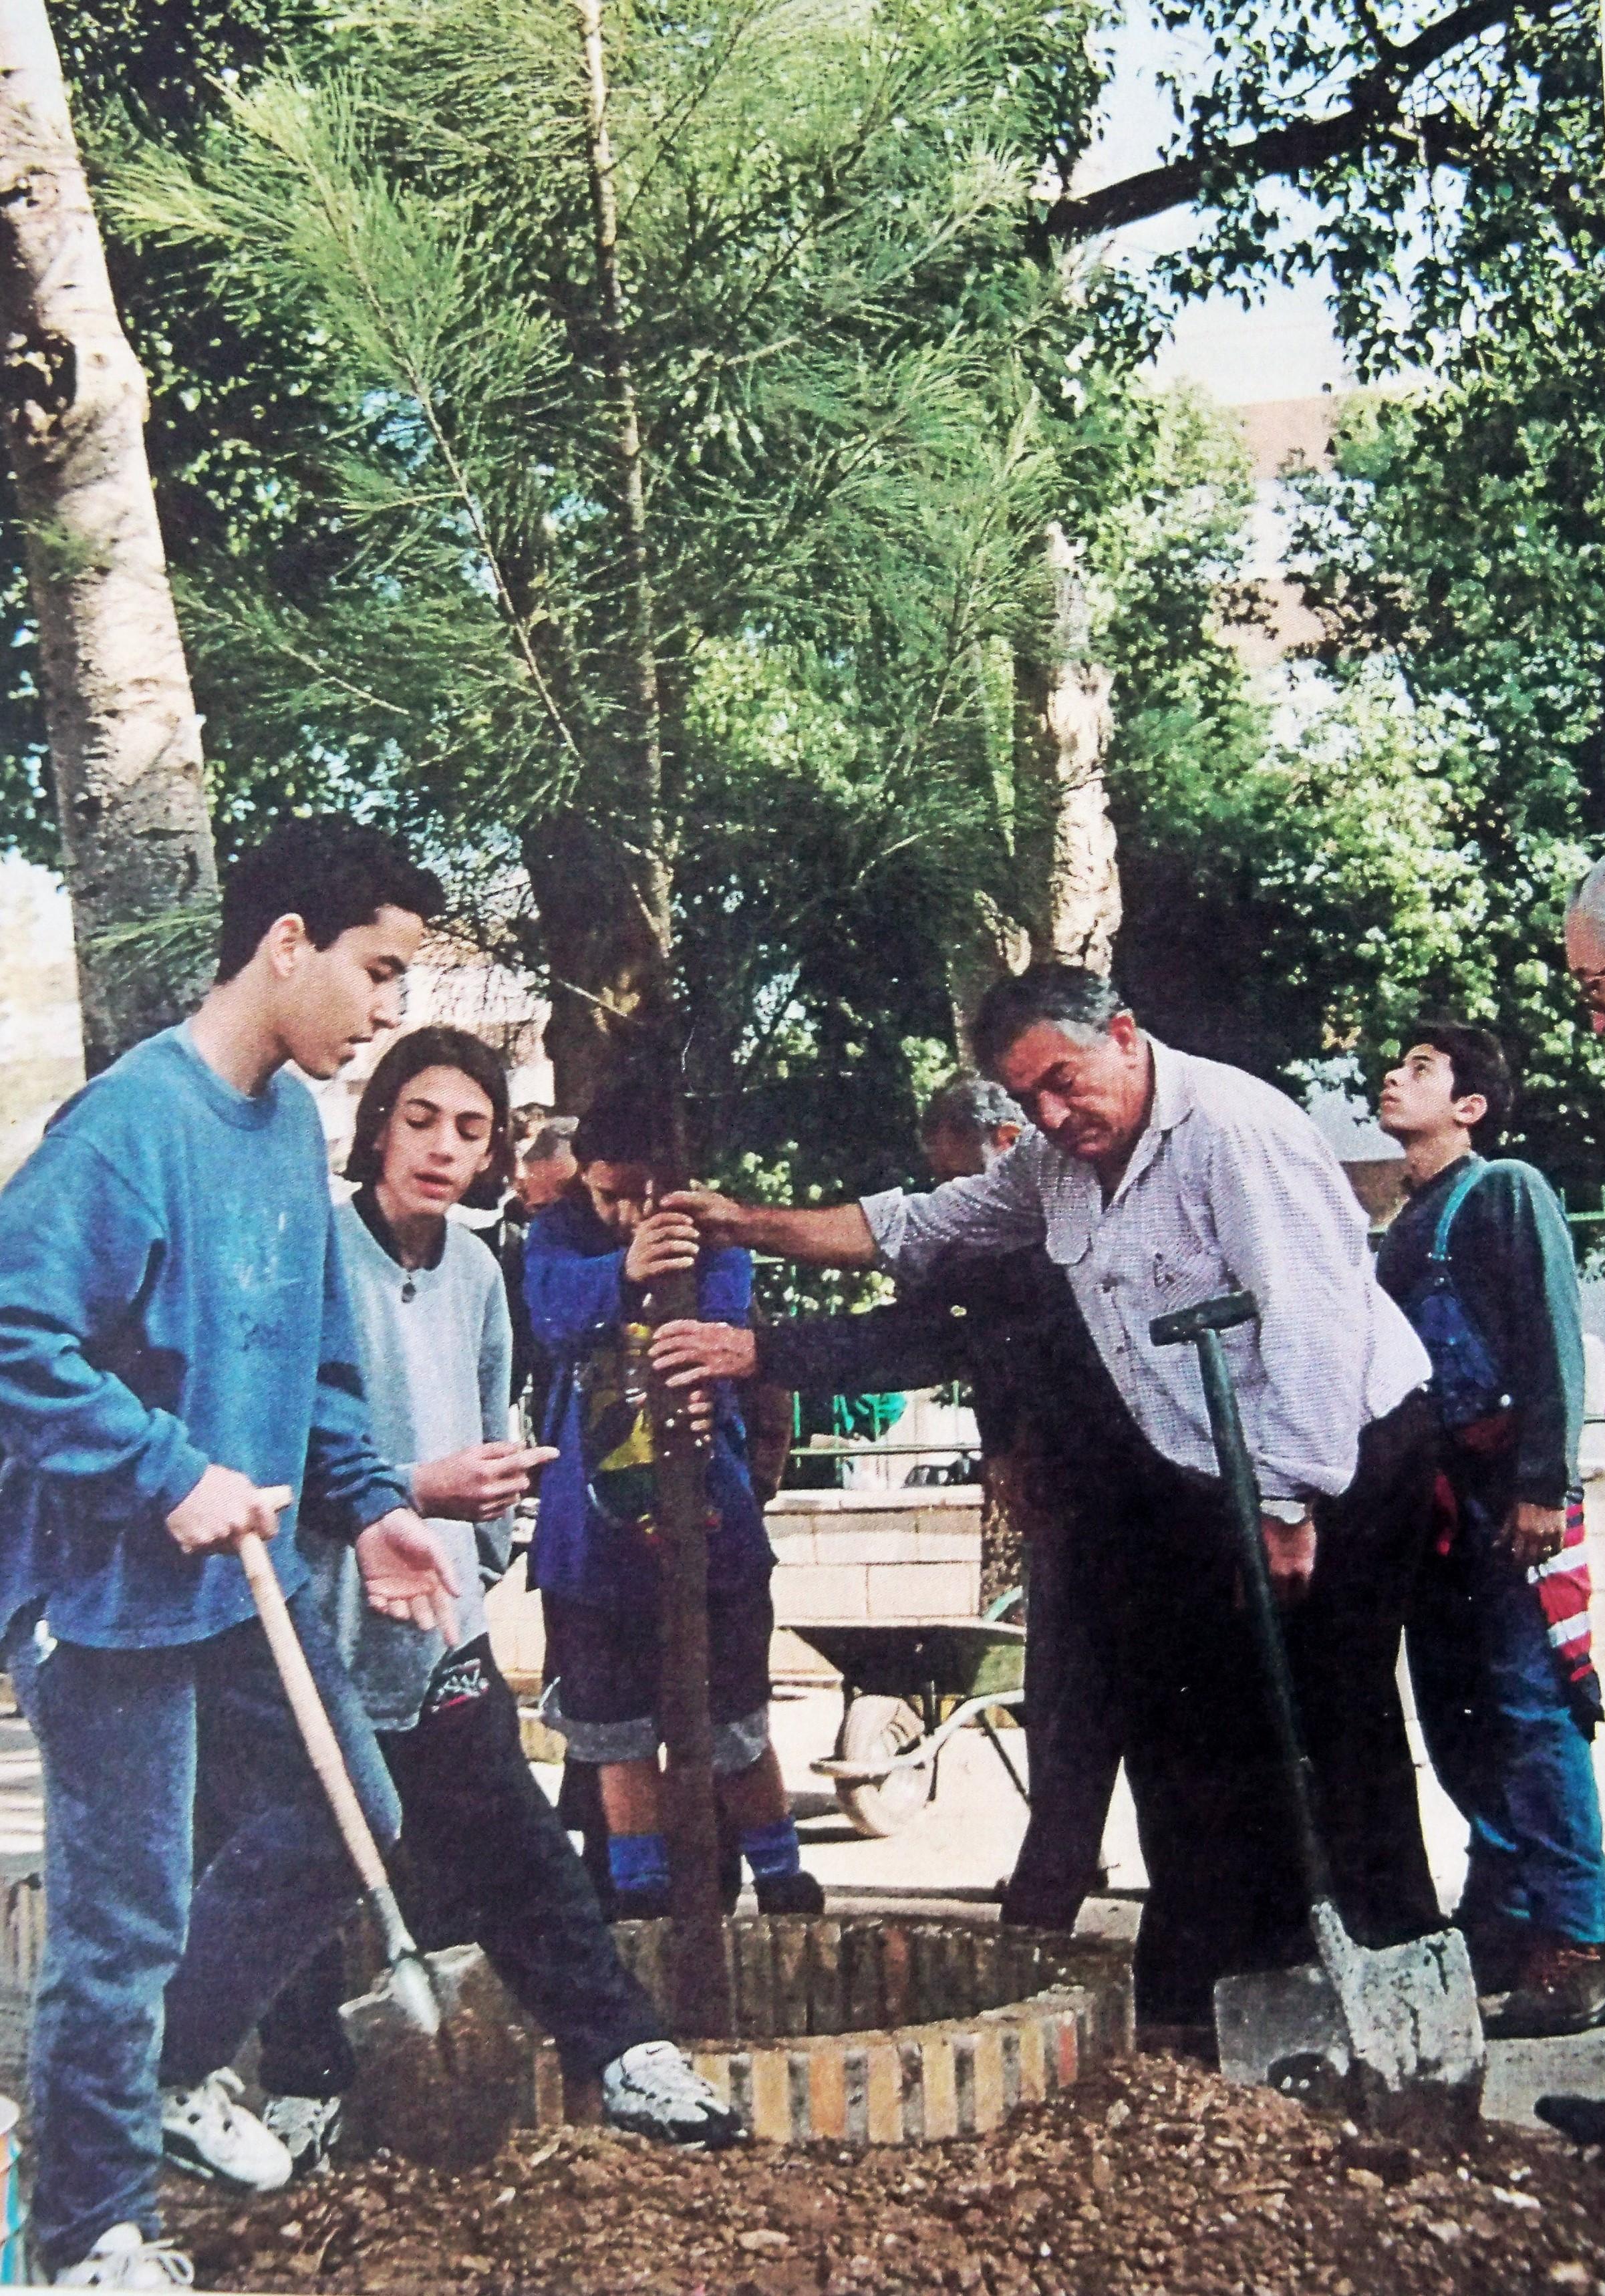 El 25 de febrero de 1997 plantamos una casuarina en el patio del recreo del